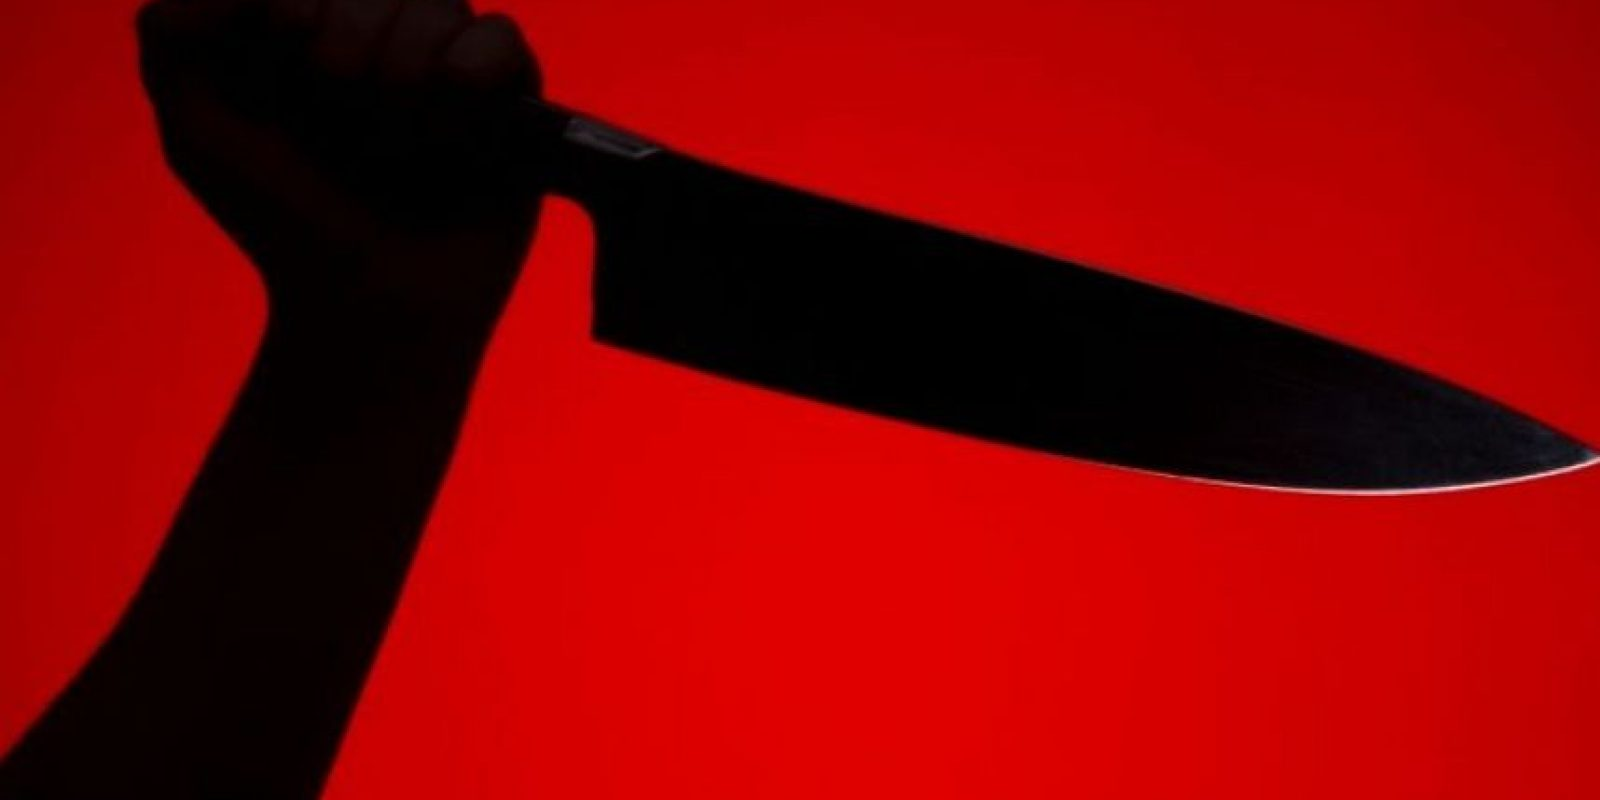 Una maestra de 43 años de Washington, Estados Unidos, identificada como Erin Agren, asesinó a su esposo, Michael Daniel Jordan, de 59 años, y a su hijo de año y medio. Foto:Tumblr